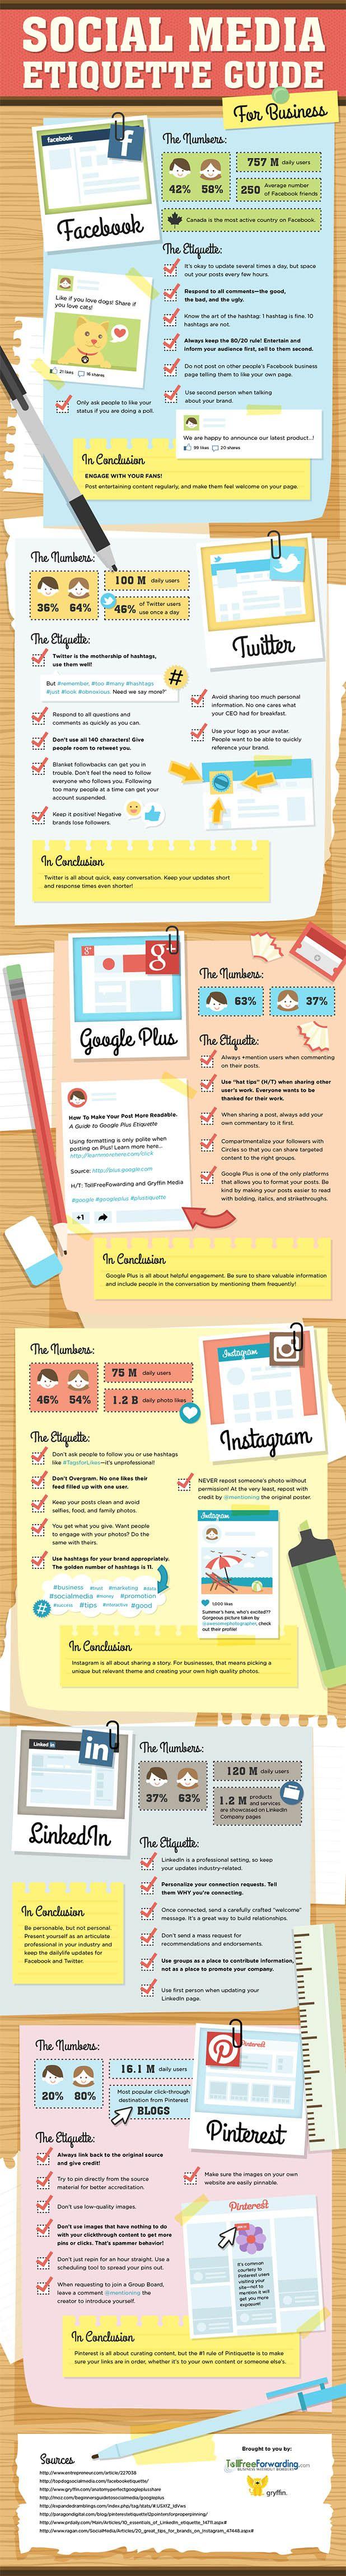 Vett och etikett i sociala medier.